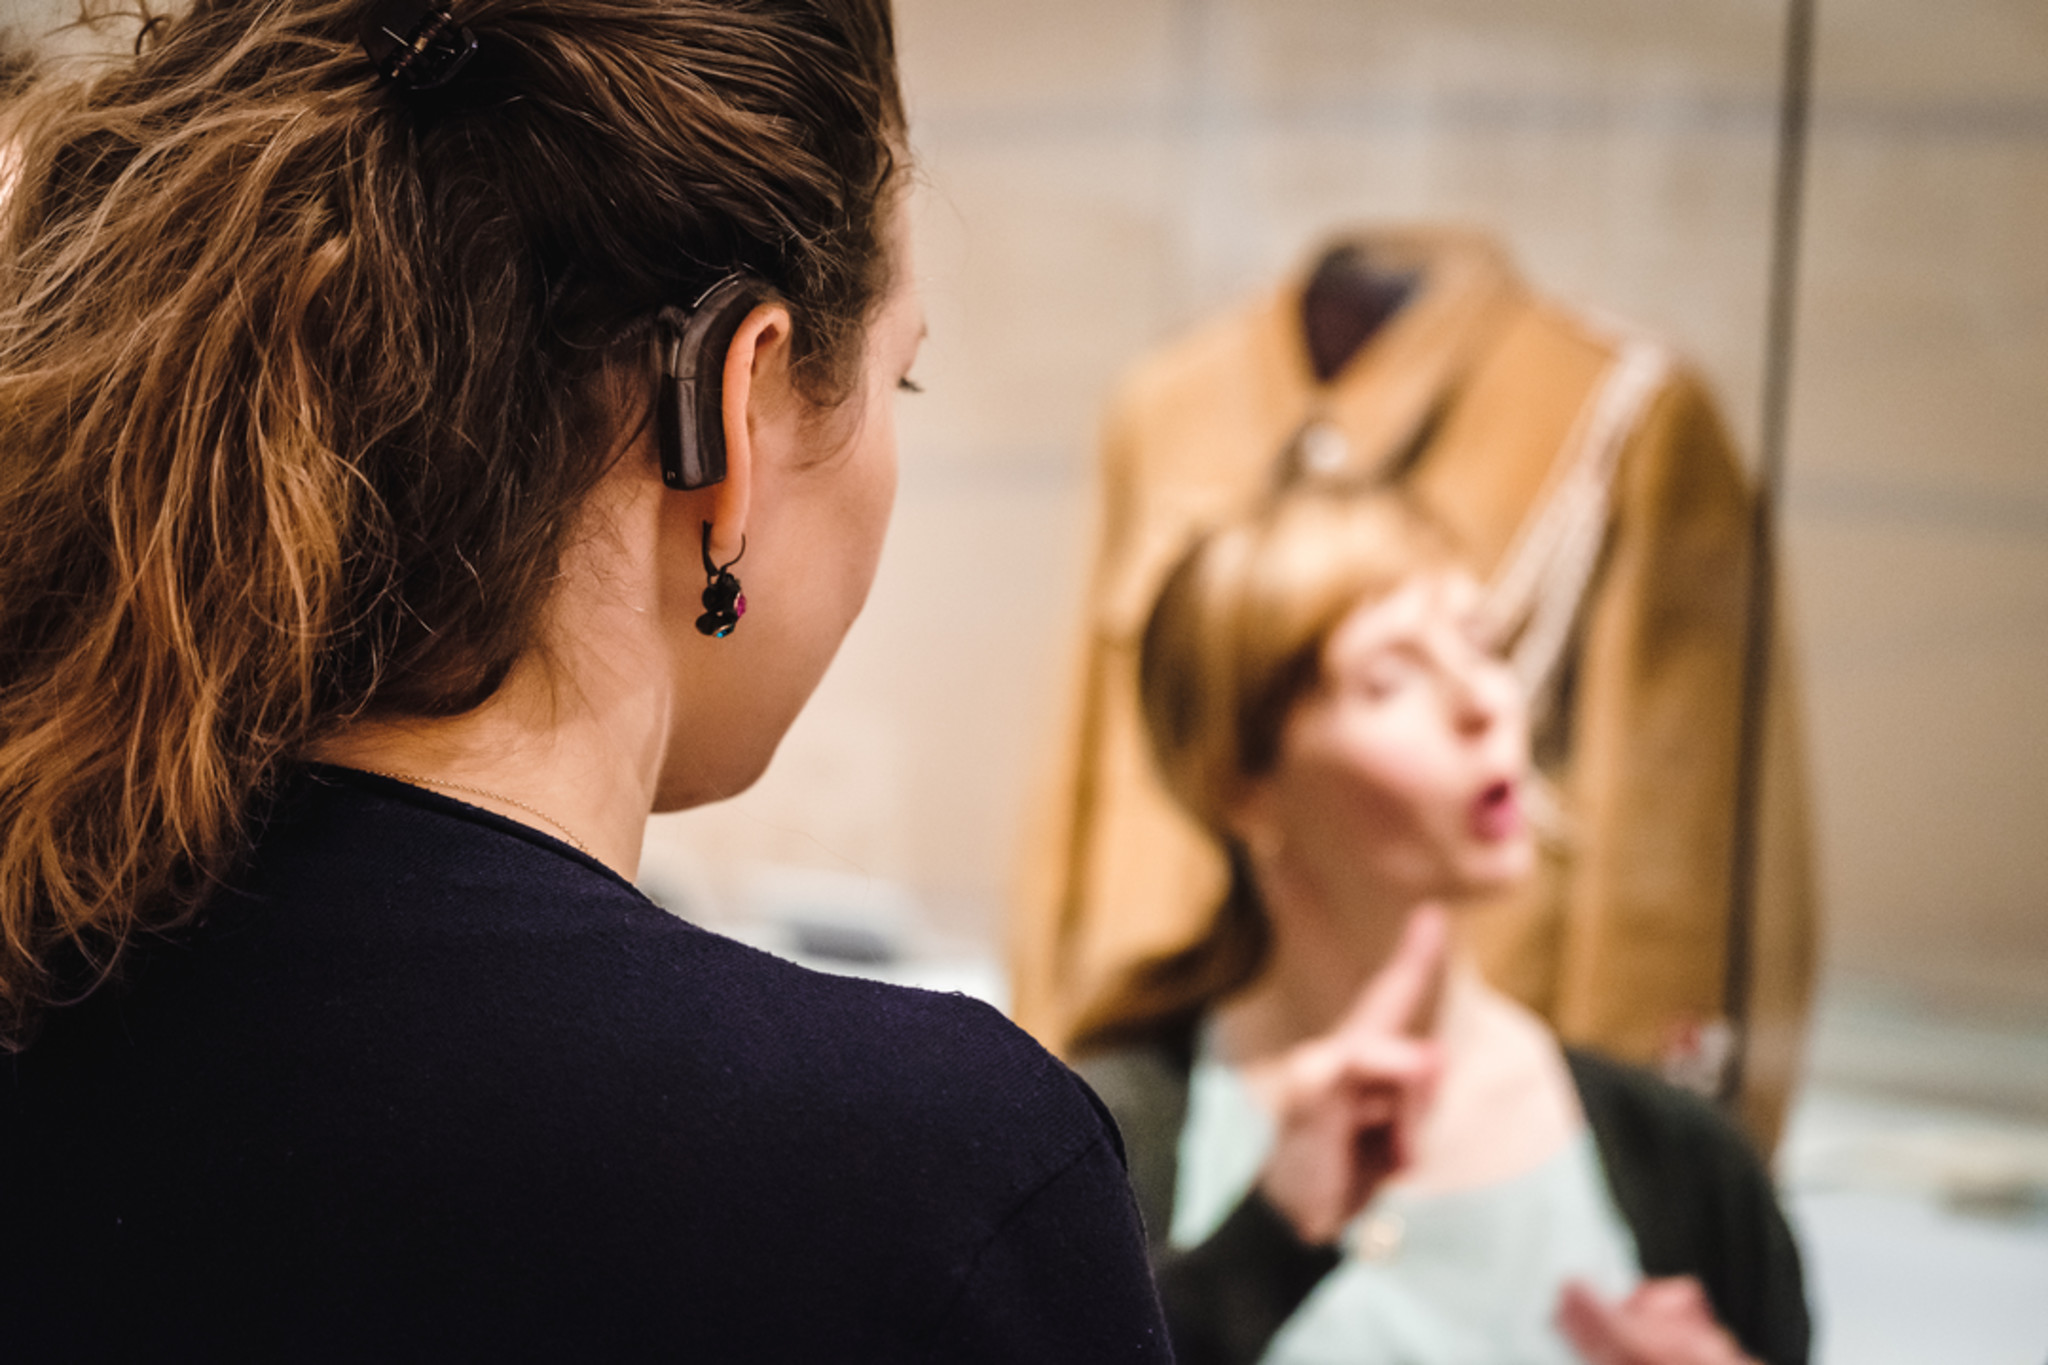 Eine Frau mit Hörgerät von hinten fotografiert, vor ihr sieht man eine zweite Frau, die in Gebärdensprache kommunziert.